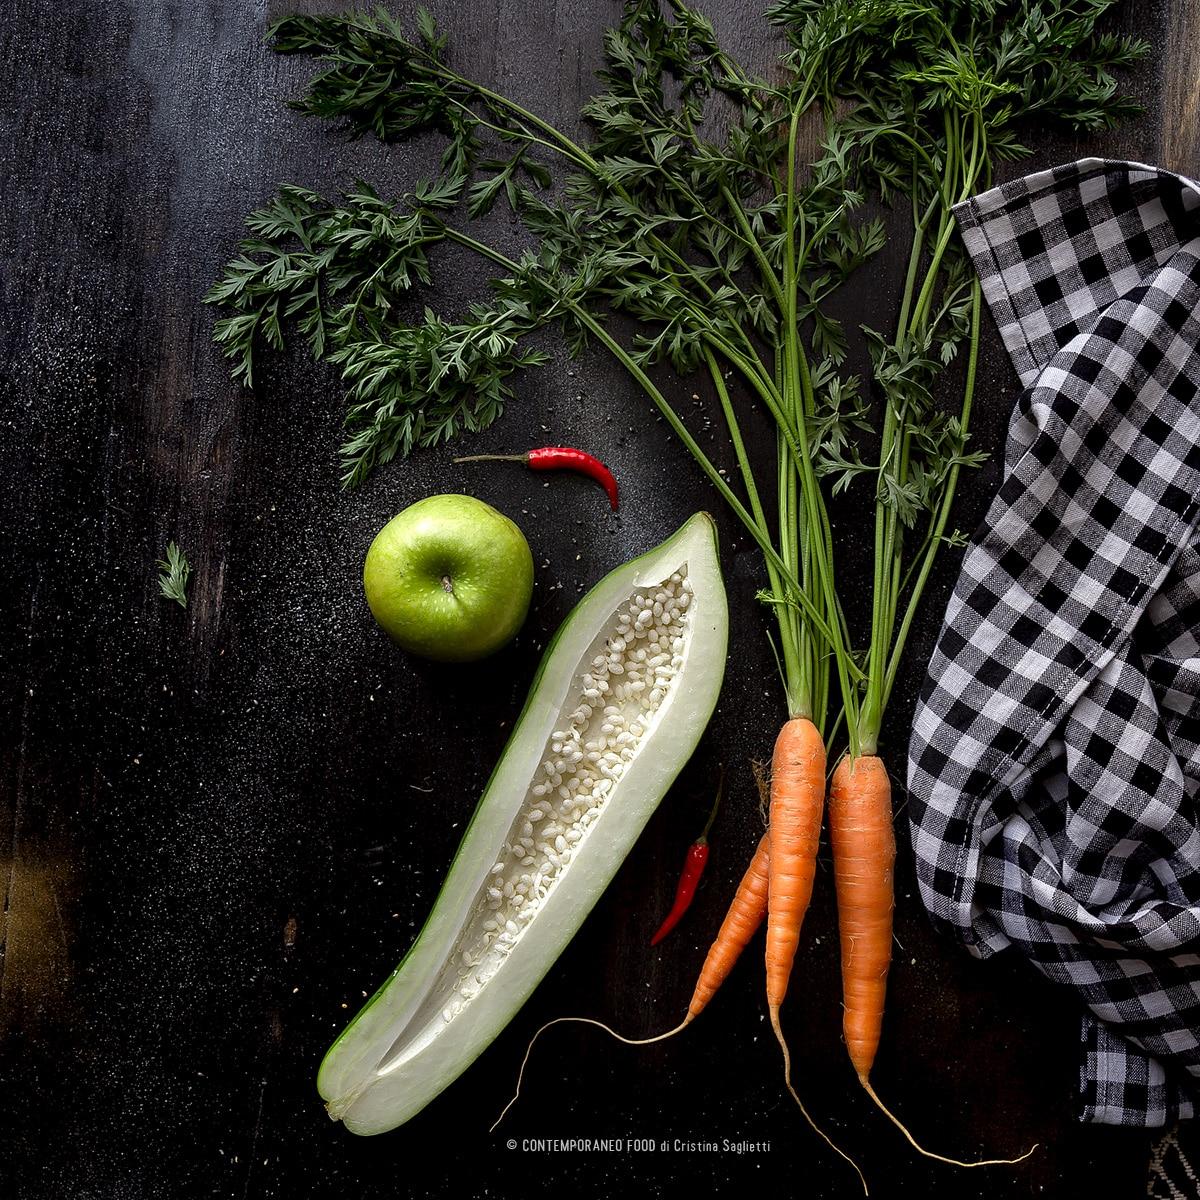 spesa-razionale-contemporaneo-food